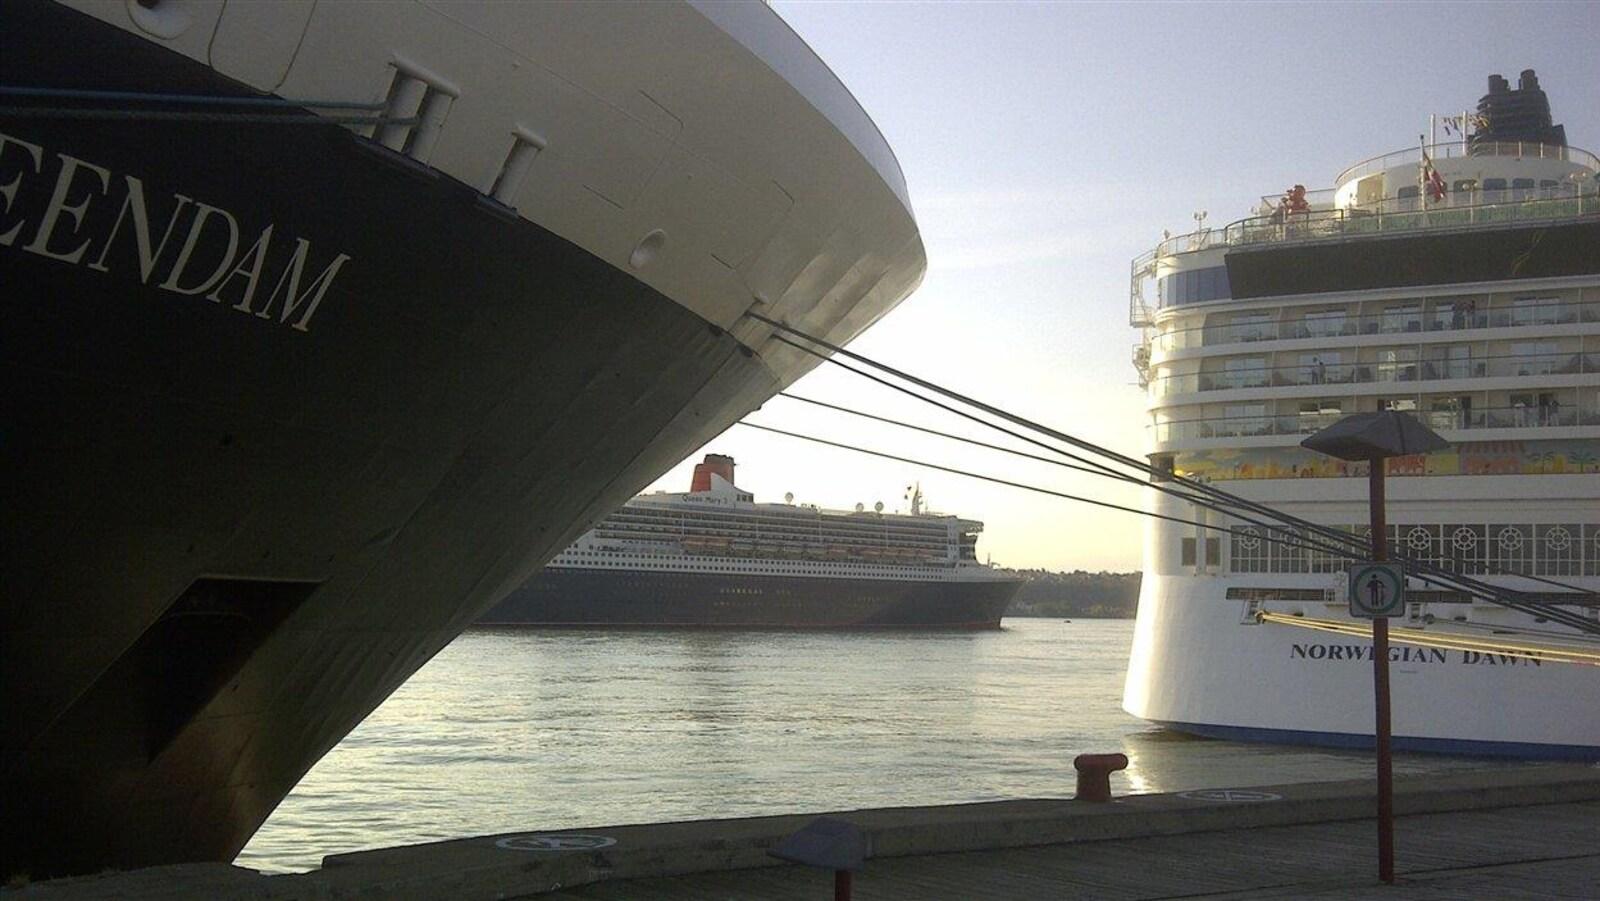 Deux navires de croisière amarrés au quai, dans le port de Québec, pendant que le navire Queen Mary 2 navigue, en retrait.